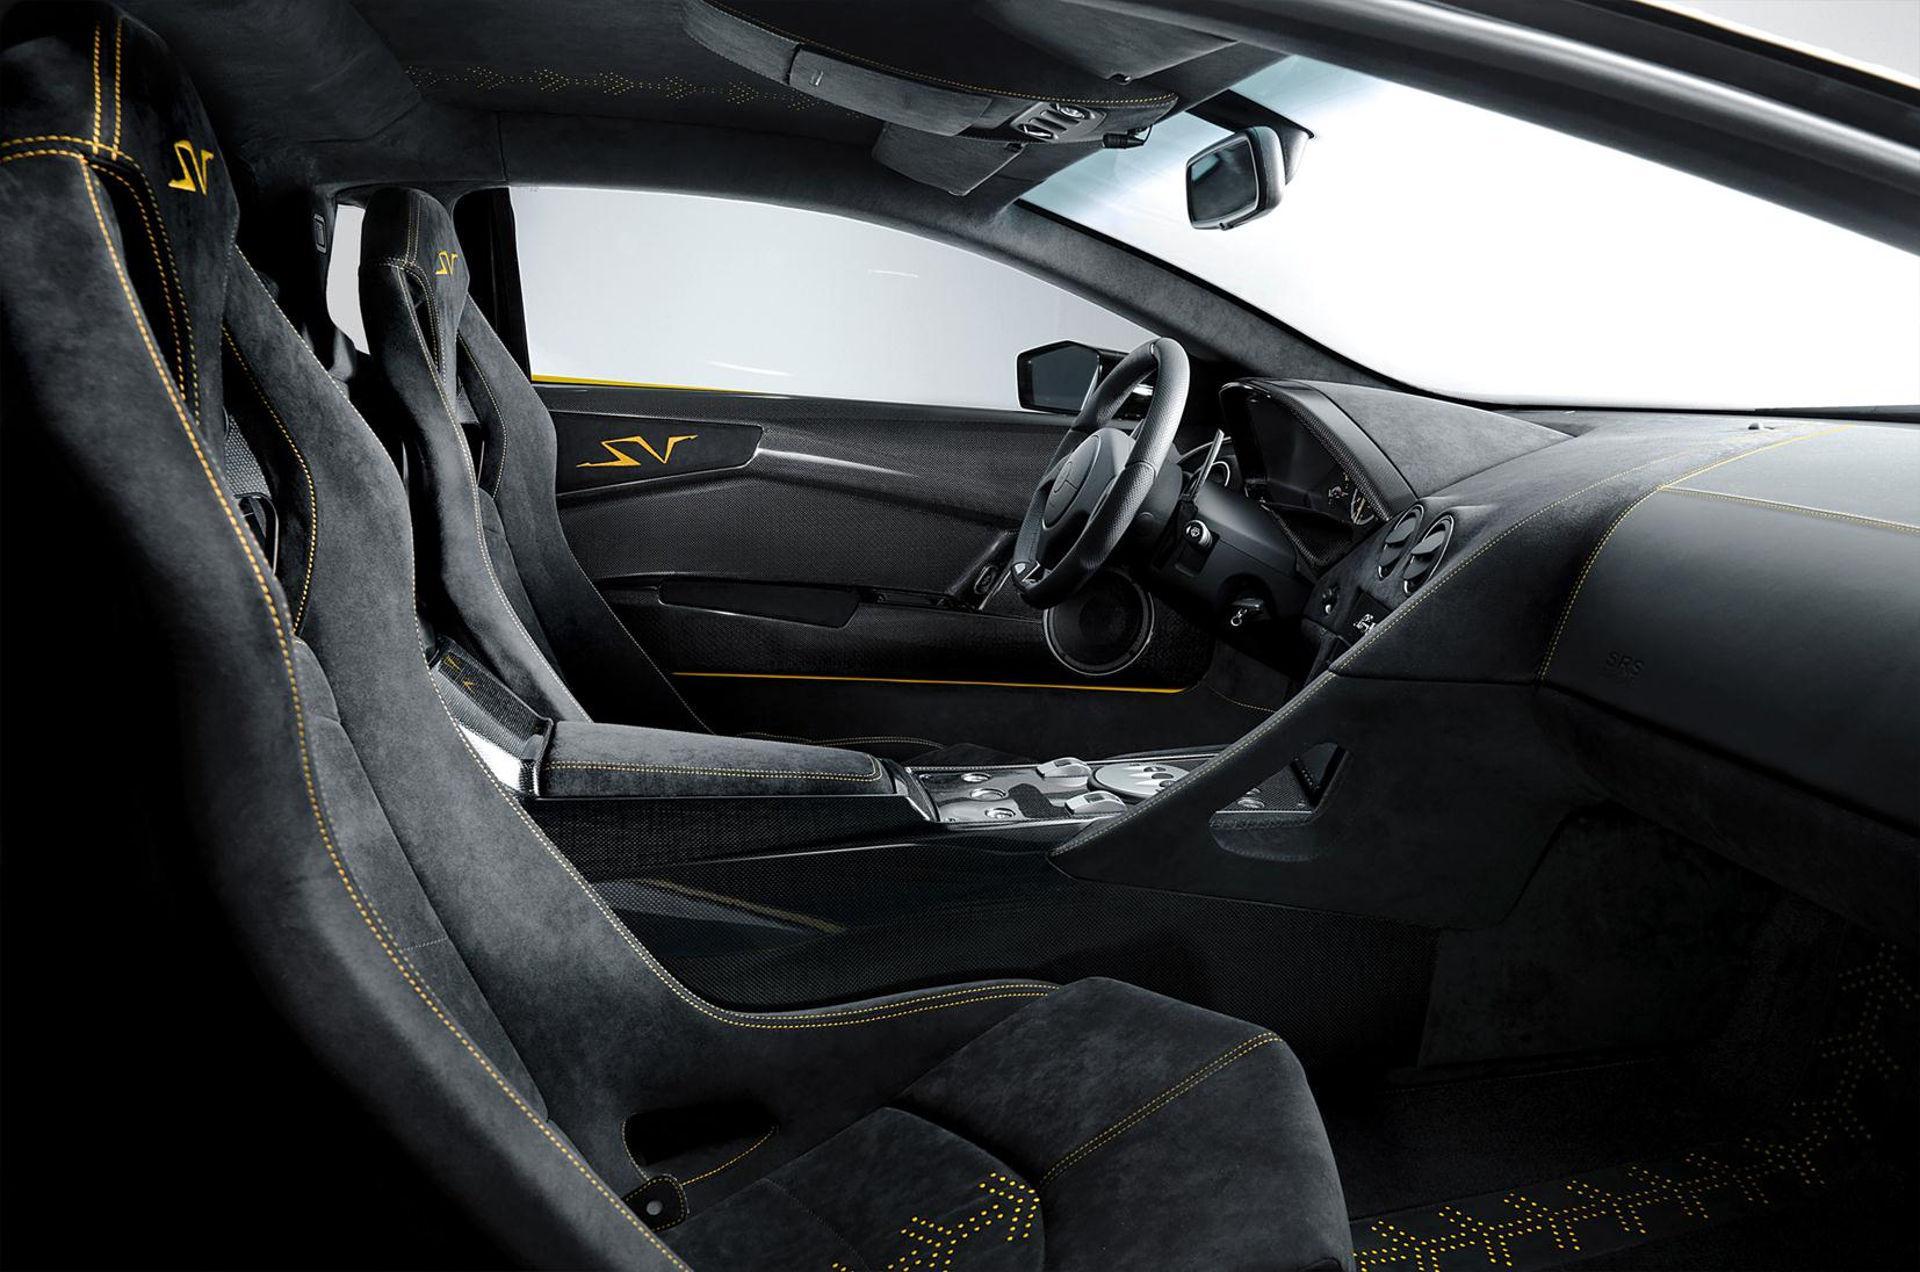 Lamborghini Murciélago LP 670-4 SuperVeloce - Innenraum